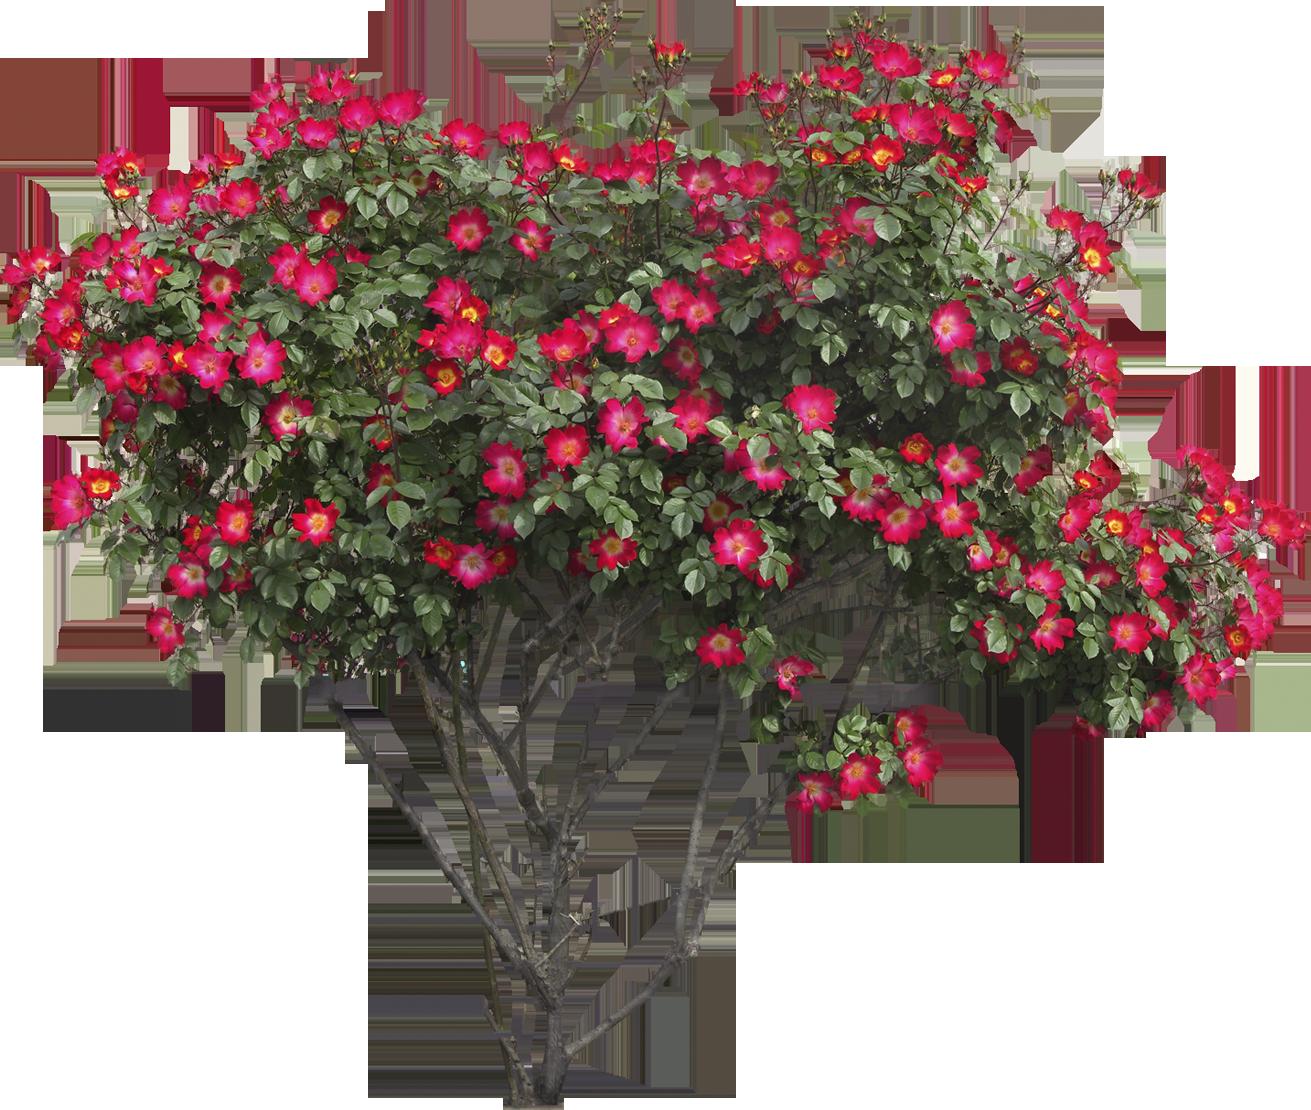 Bush Png Image Photoshop Landscape Plants Trees To Plant